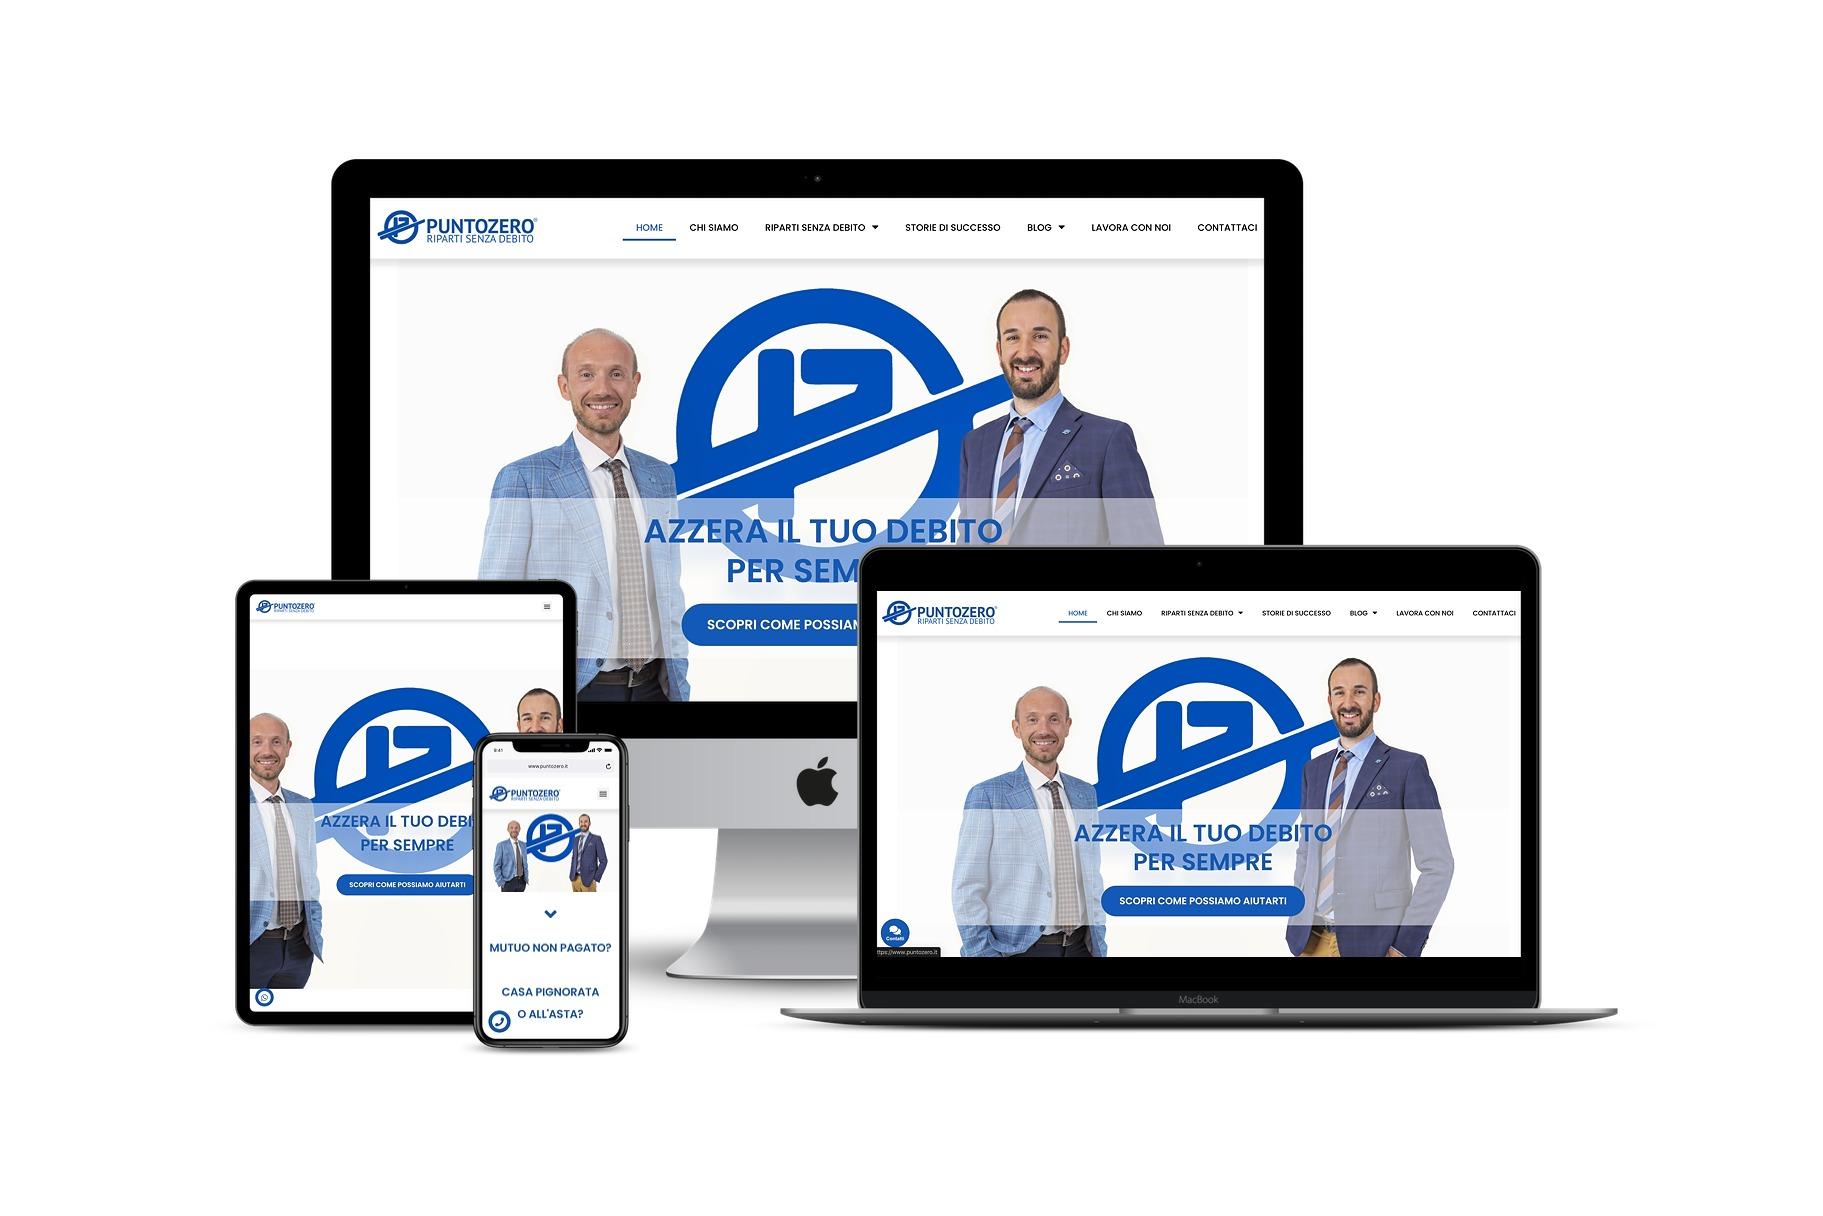 Sito Web società specializzata in cancellazione debitiLink: www.puntozero.it